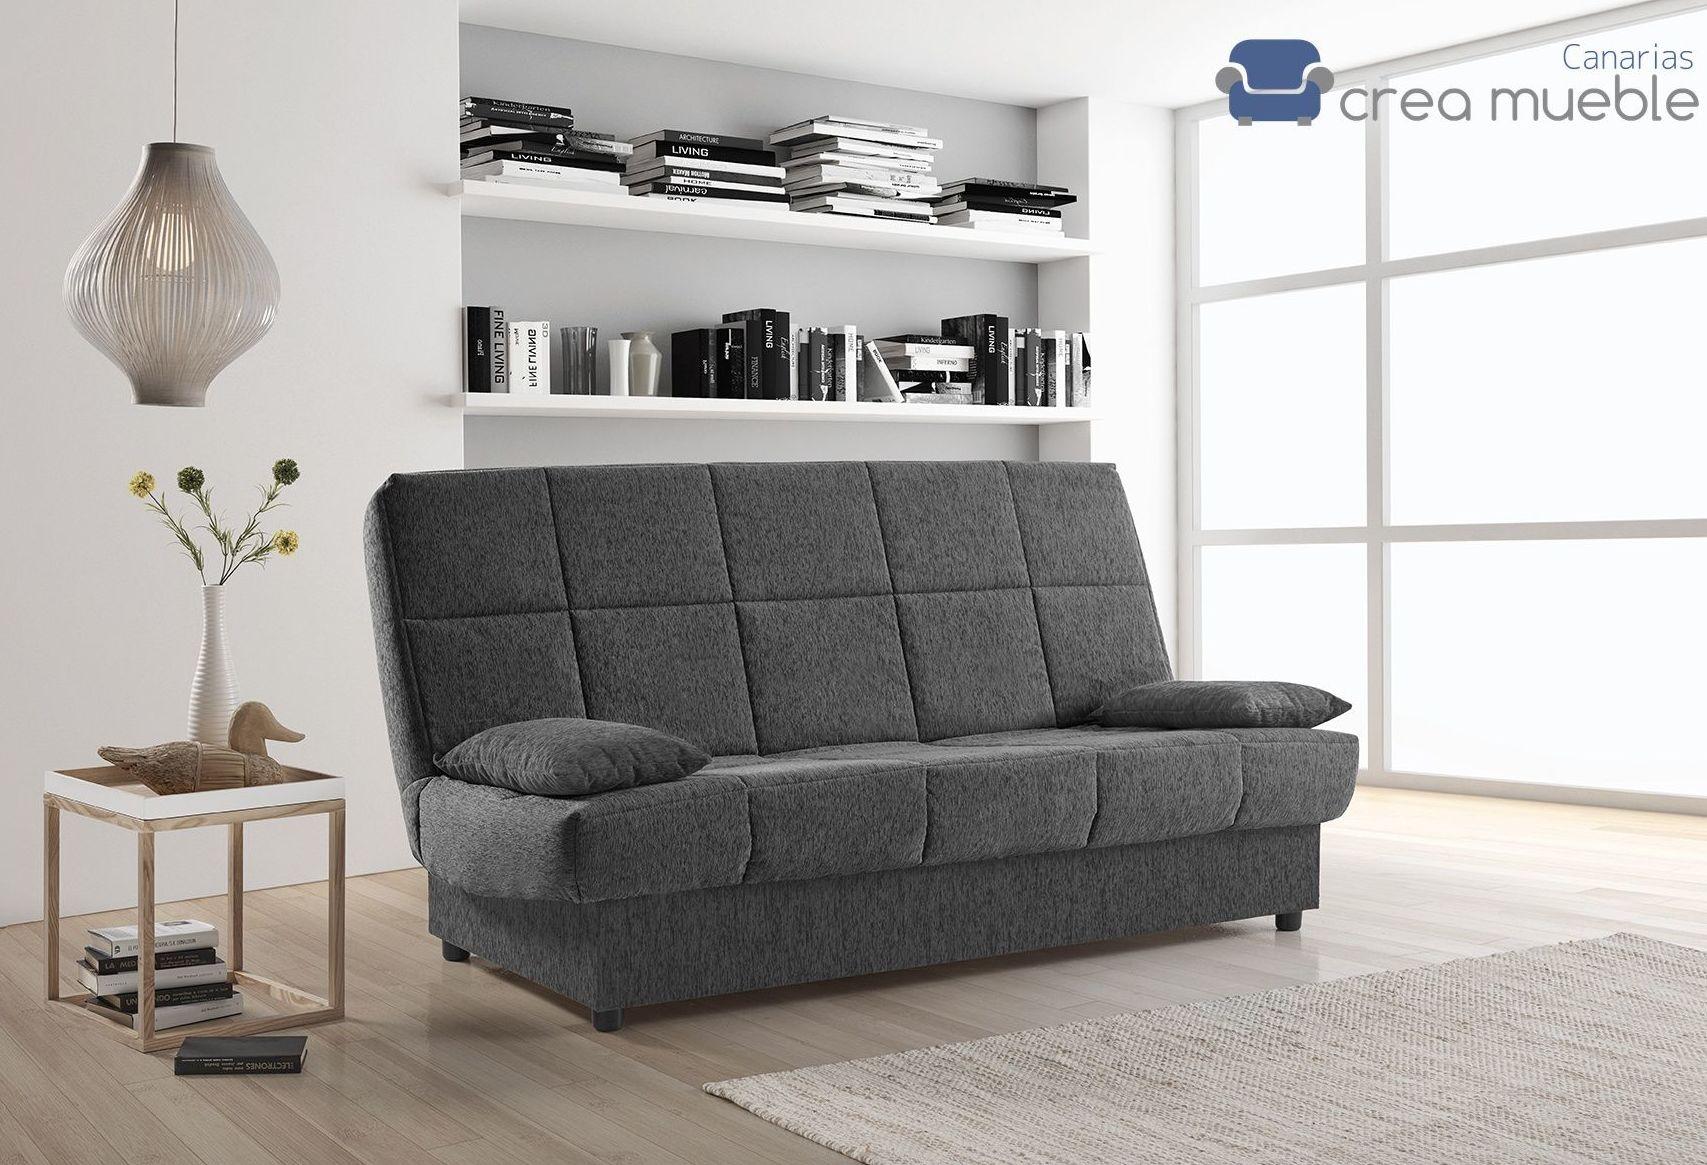 Sofá cama ALEX: Productos de Crea Mueble